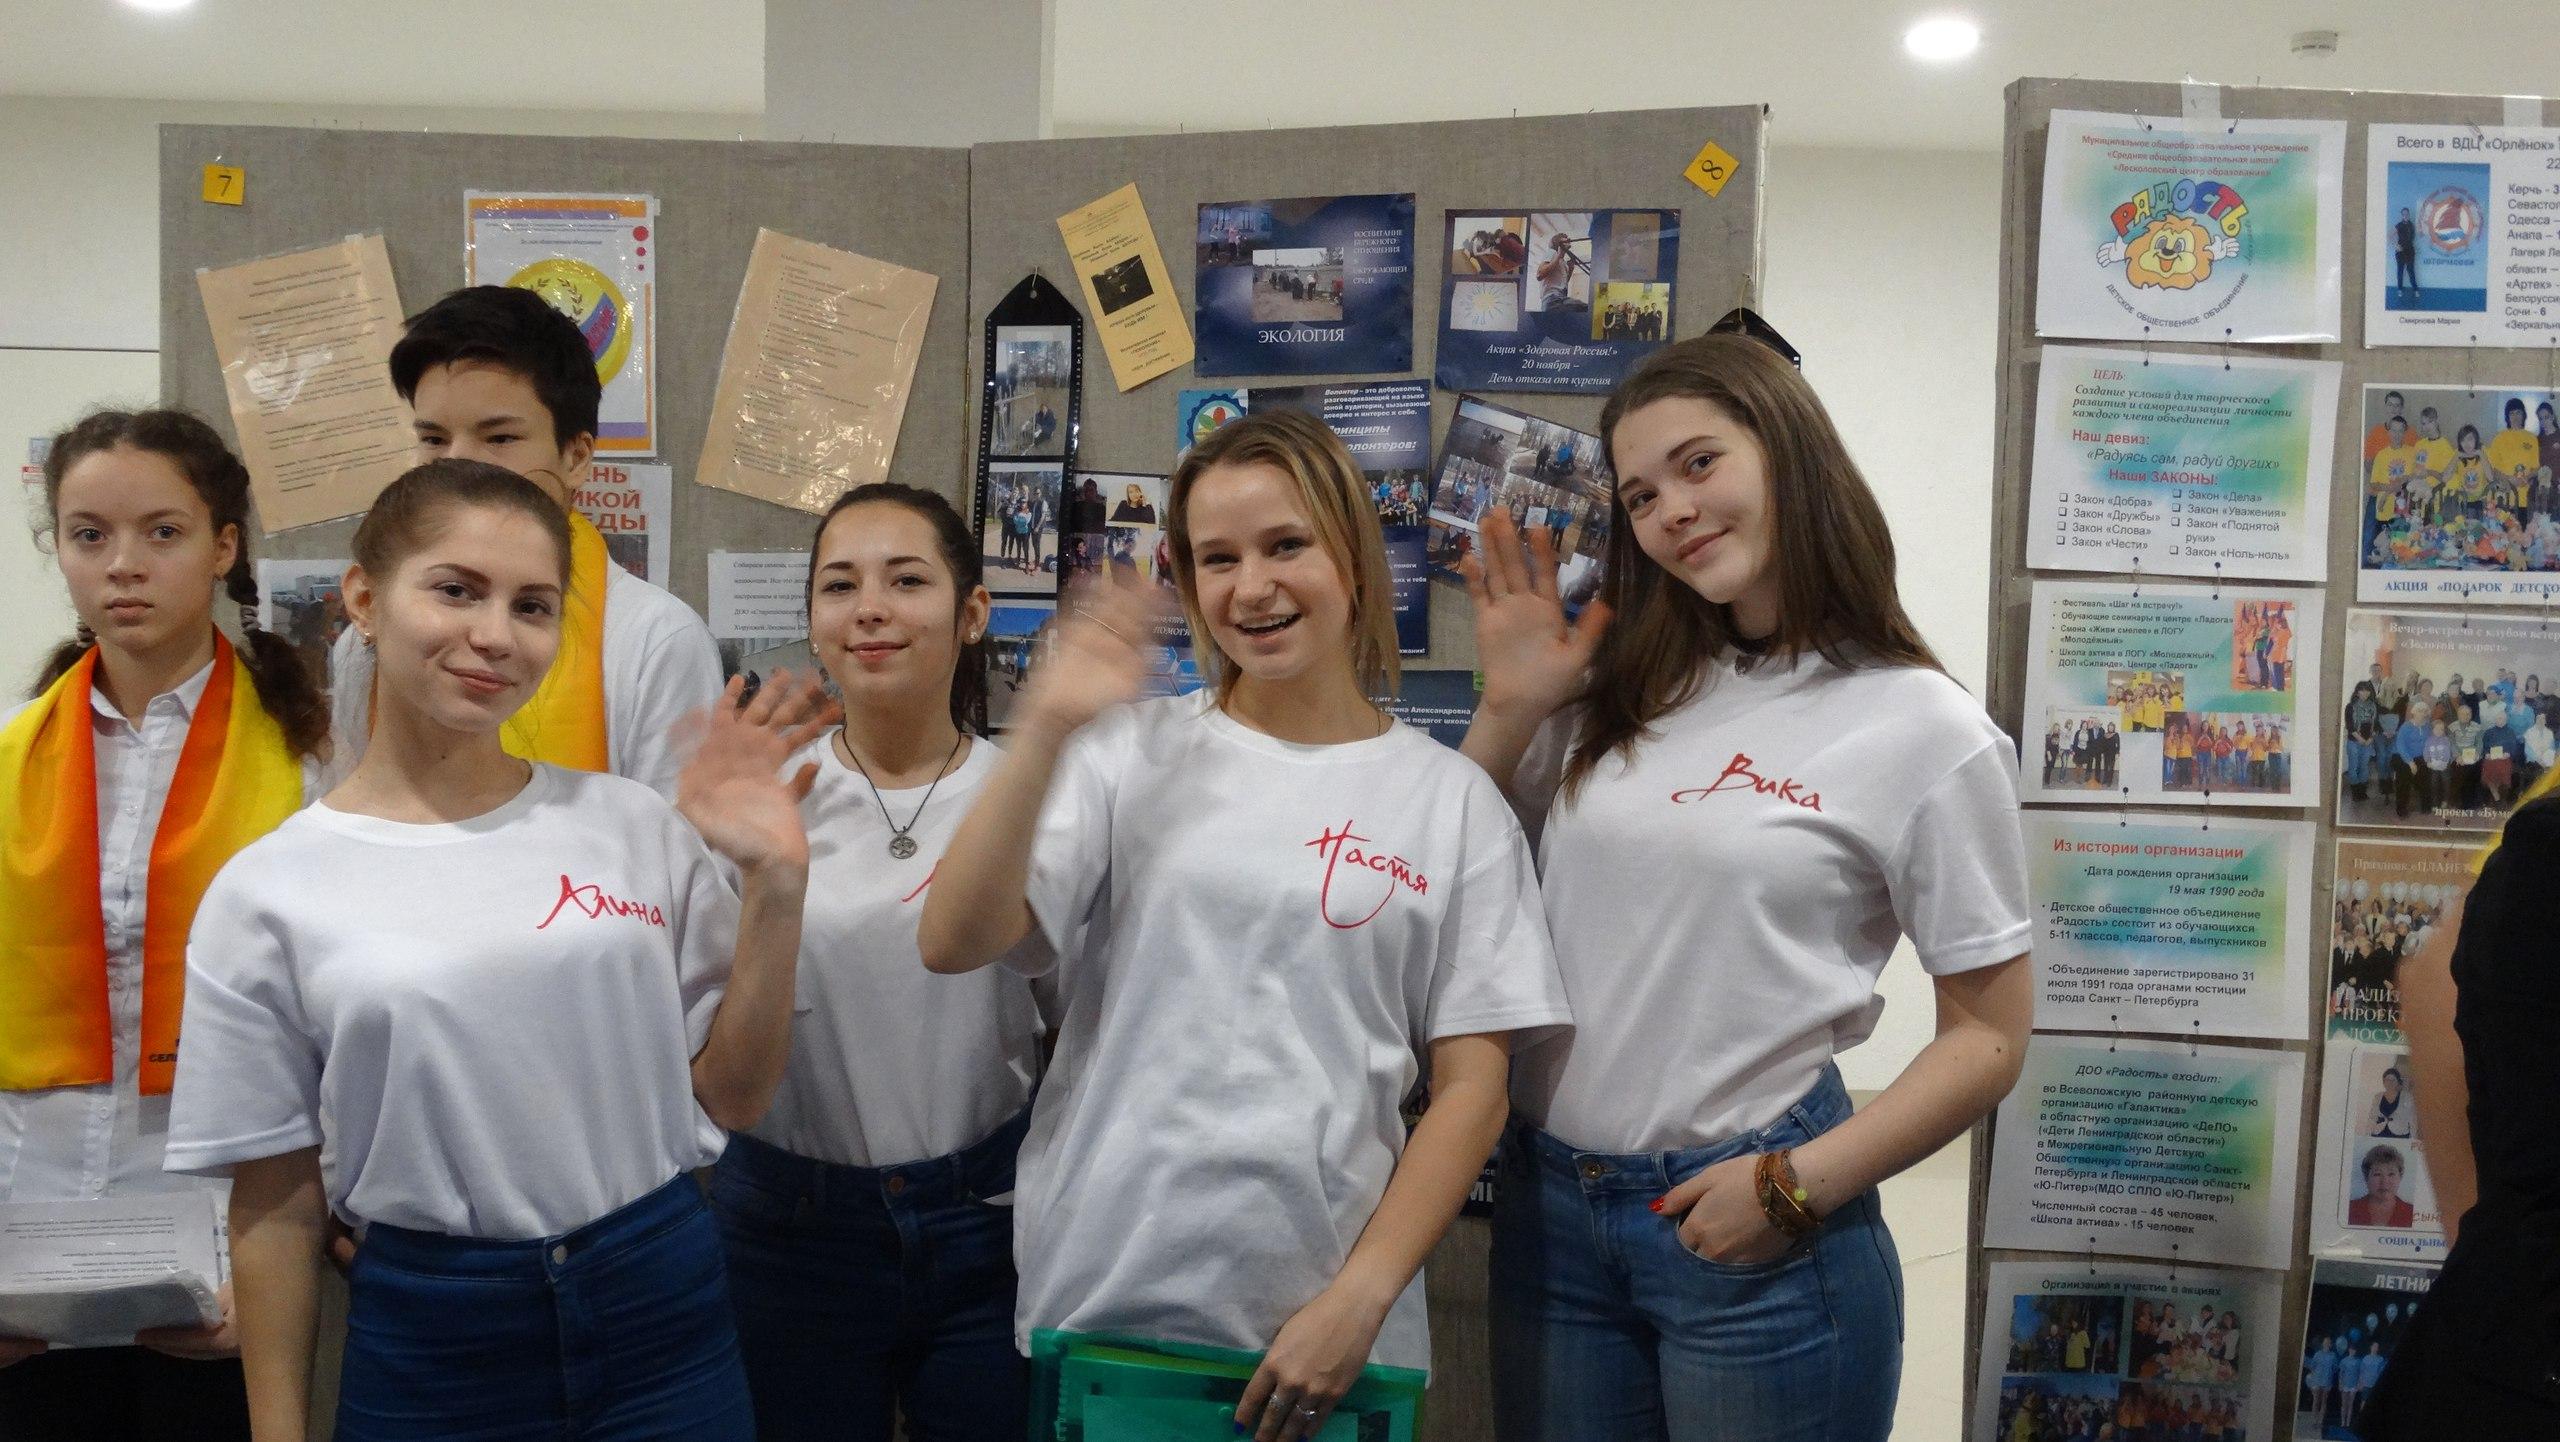 АНОНС! Семинар для лидеров детского движения и Фестиваль «ШАГ навстречу»